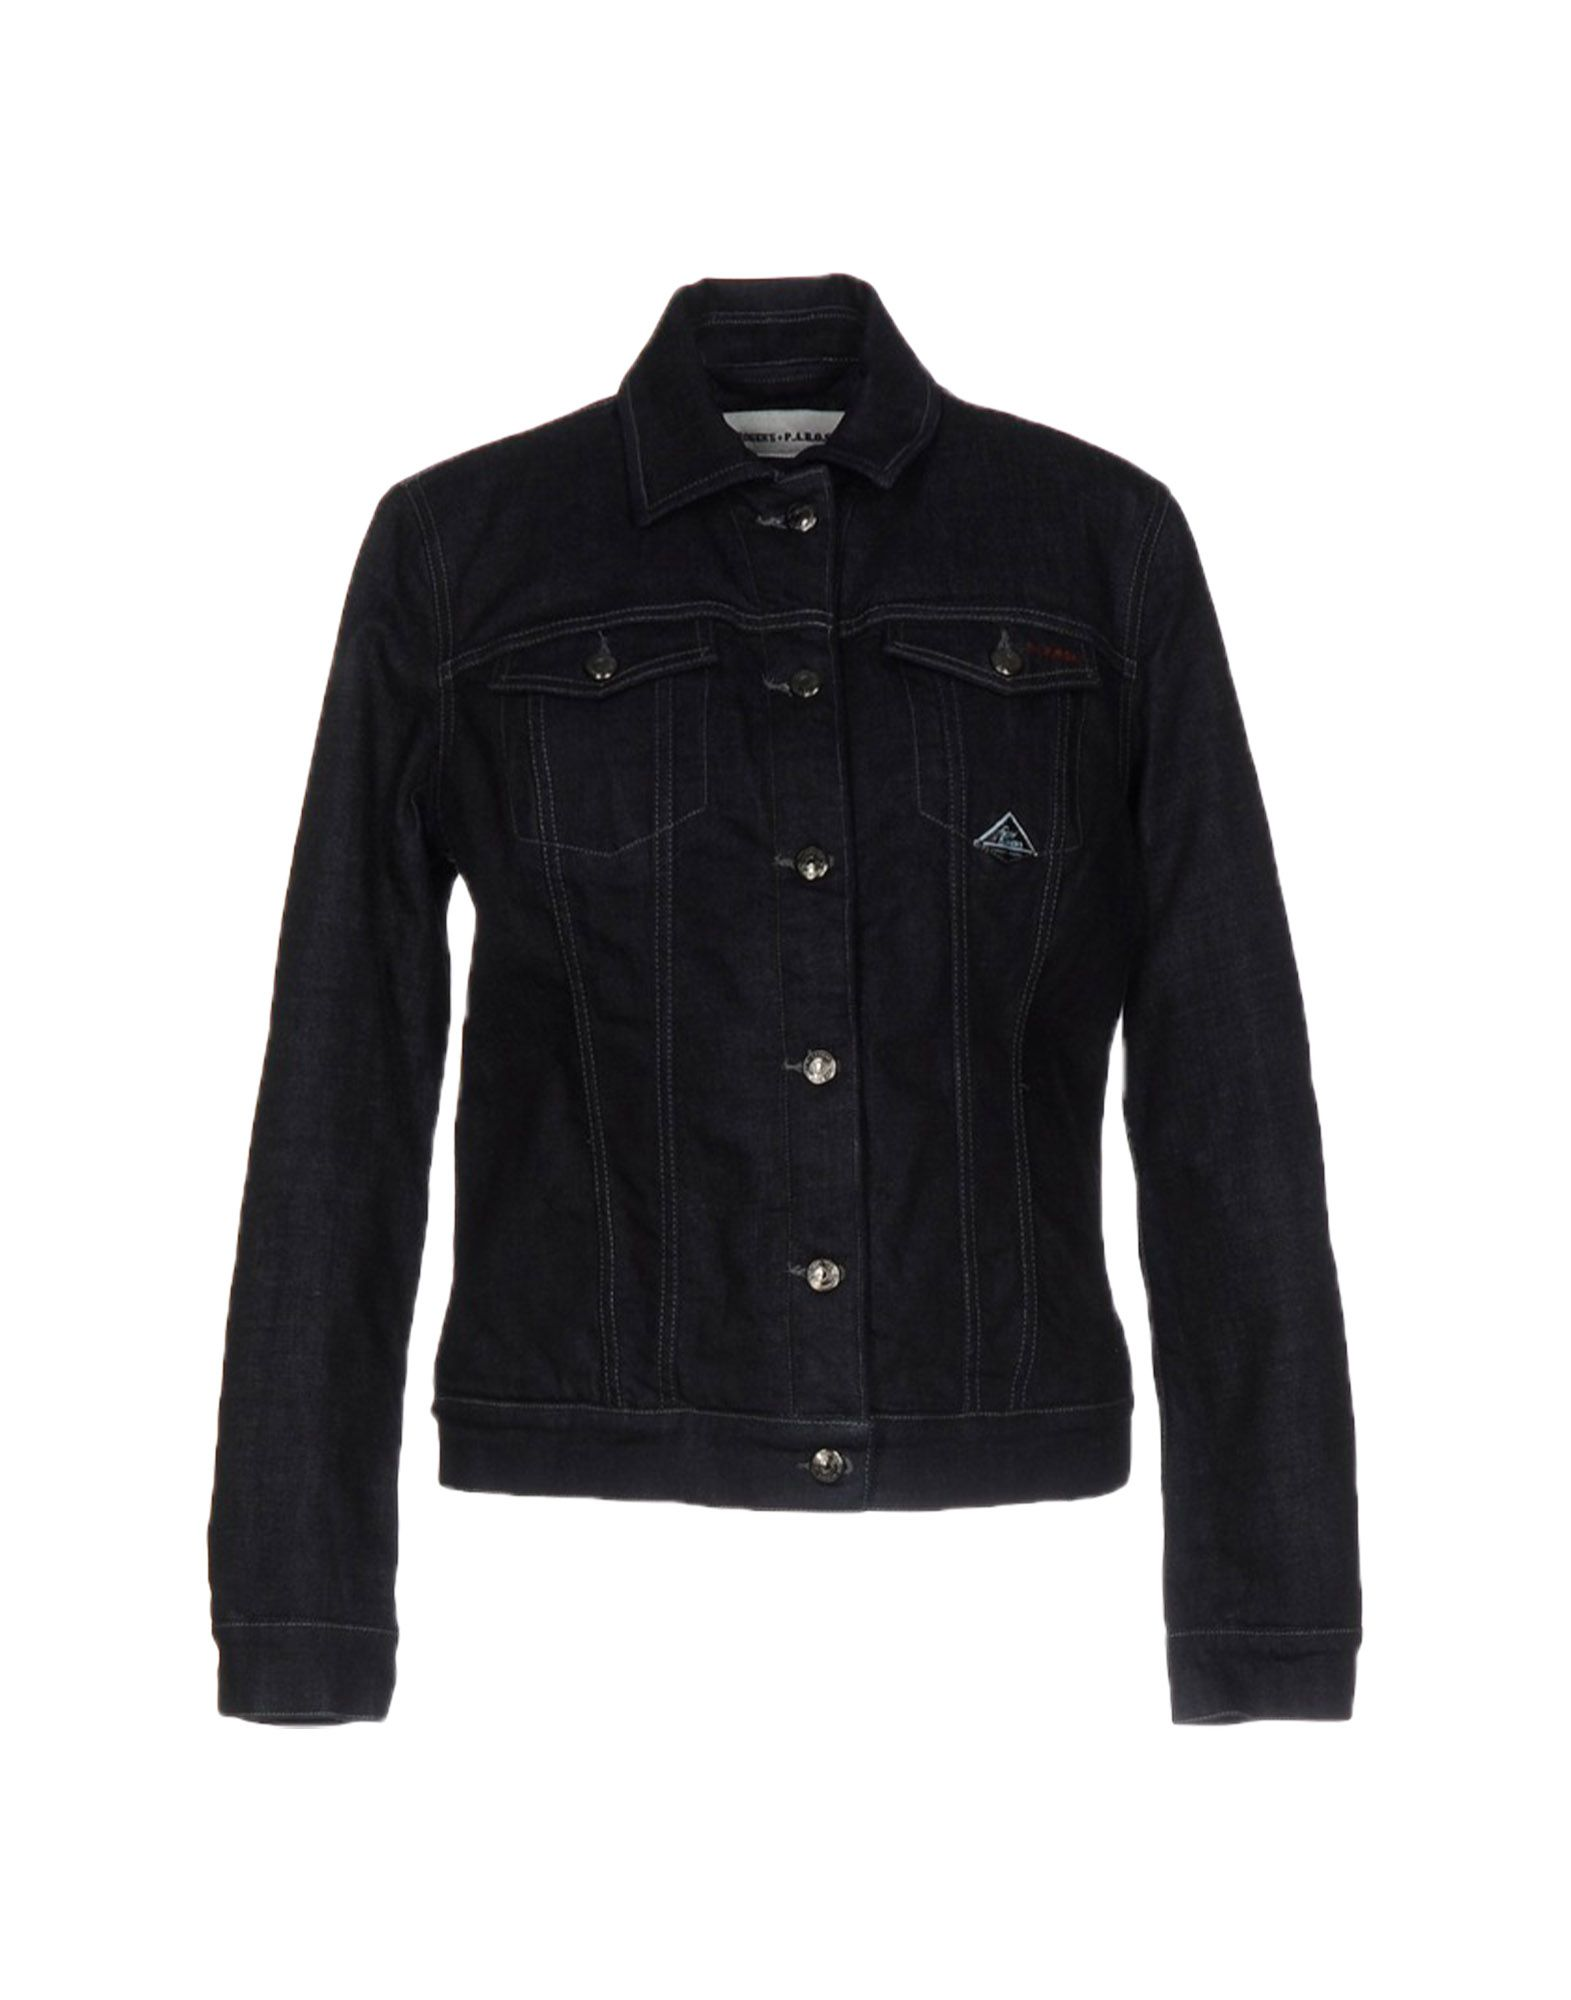 купить ROŸ ROGER'S + P.A.R.O.S.H. Джинсовая верхняя одежда дешево